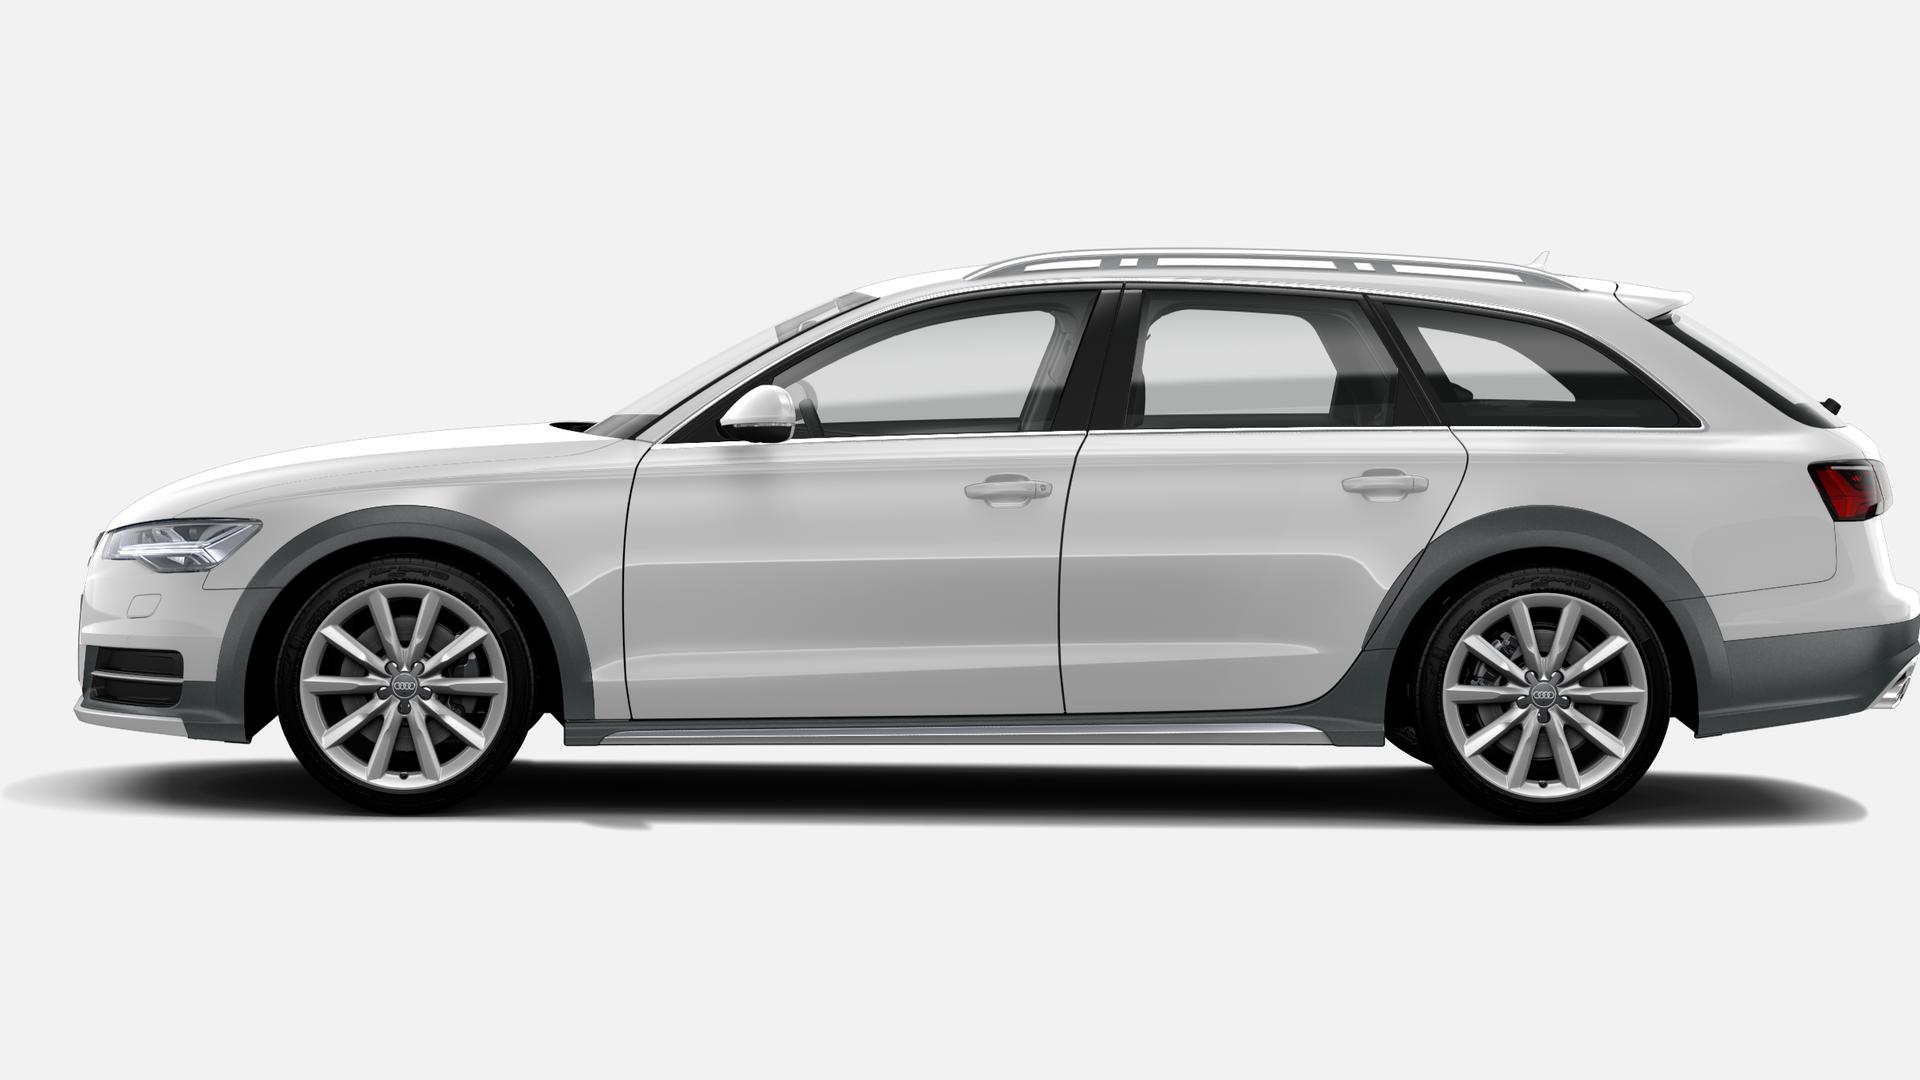 Vista Lateral izquierda de Audi A6 Allroad 3.0 TDI Advanced ed quattro S tron 160 kW (218 CV)